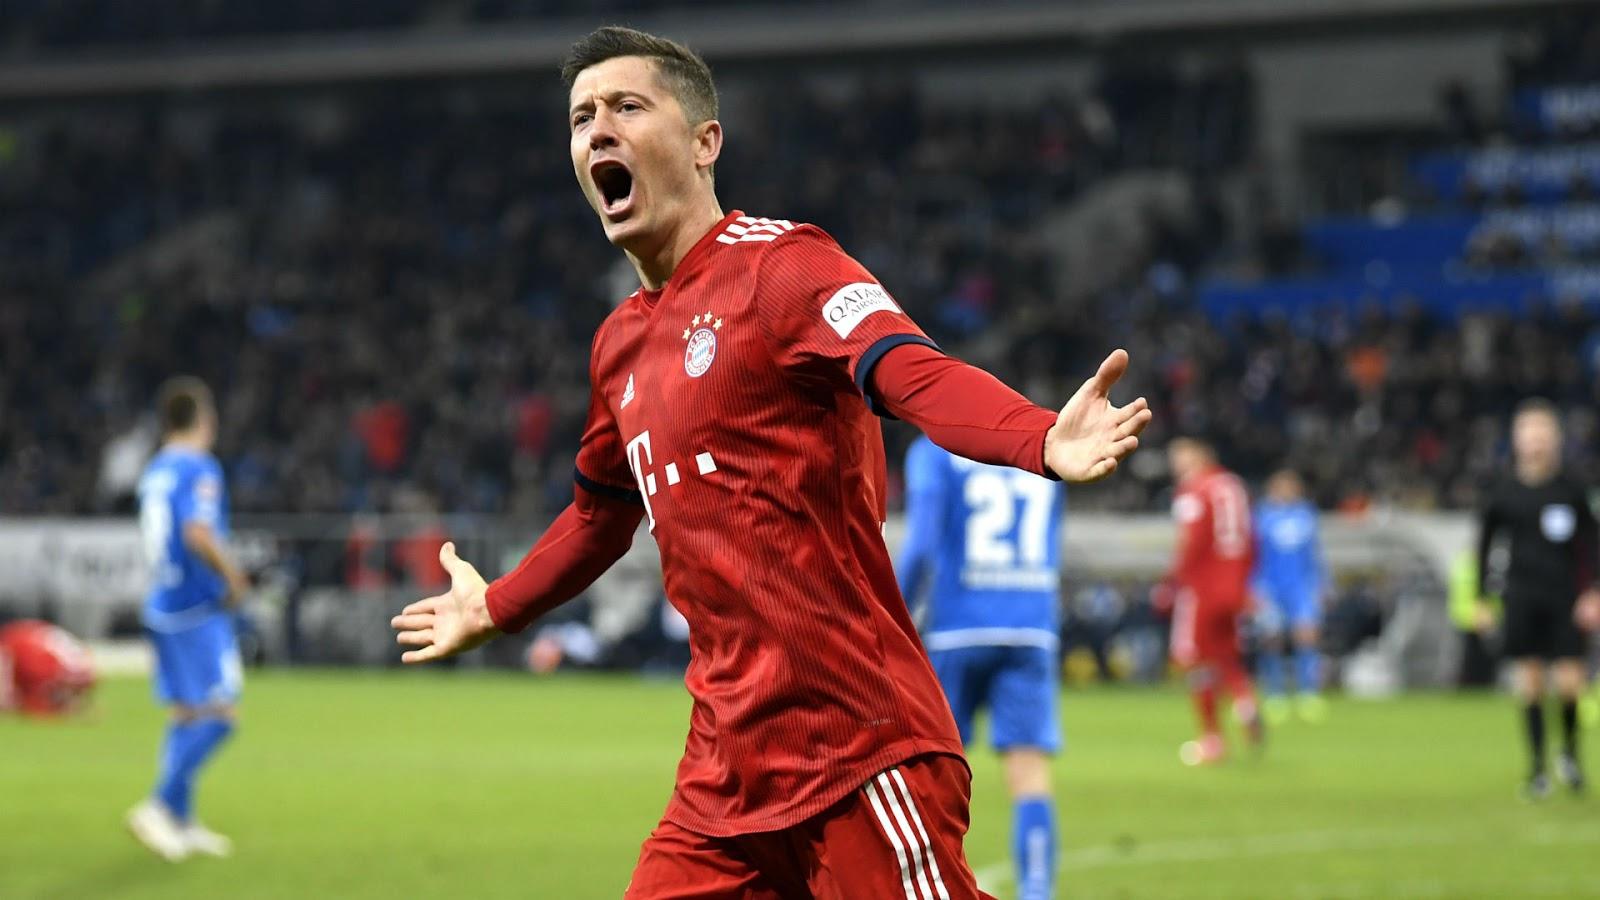 Tumbangkan Gladbach, Bayern Samai Perolehan Poin Dortmund